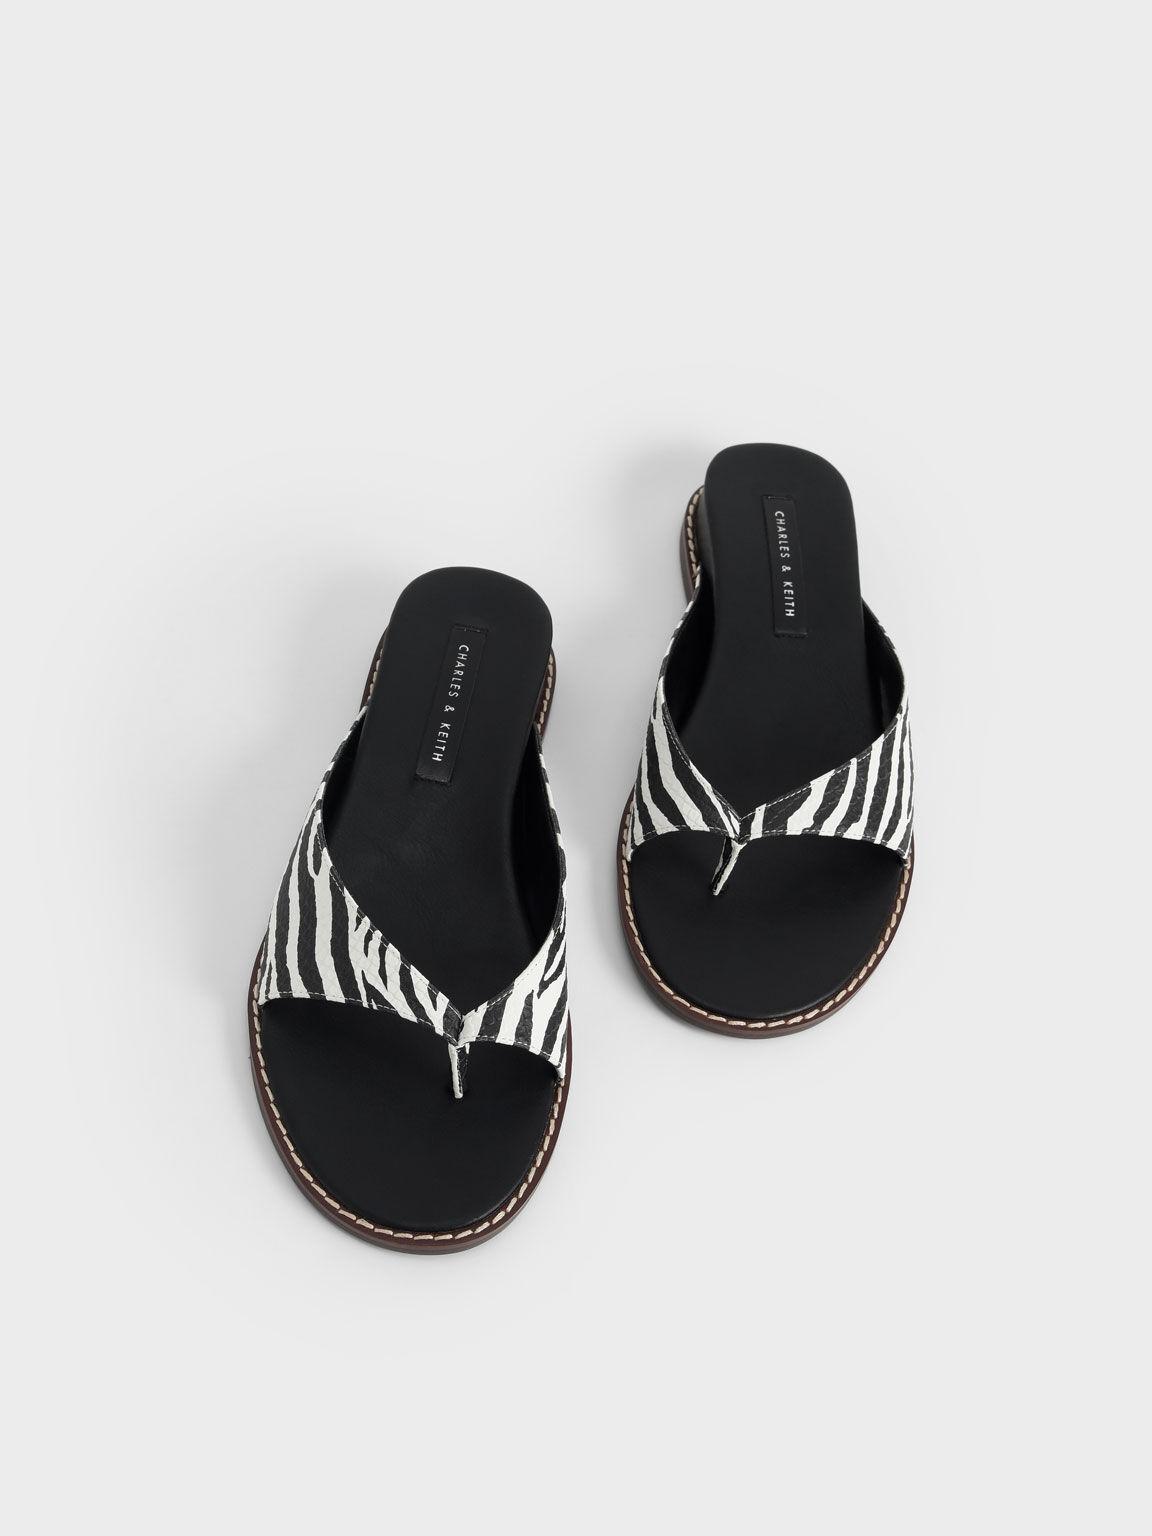 夾腳楔型拖鞋, 原色動物紋, hi-res